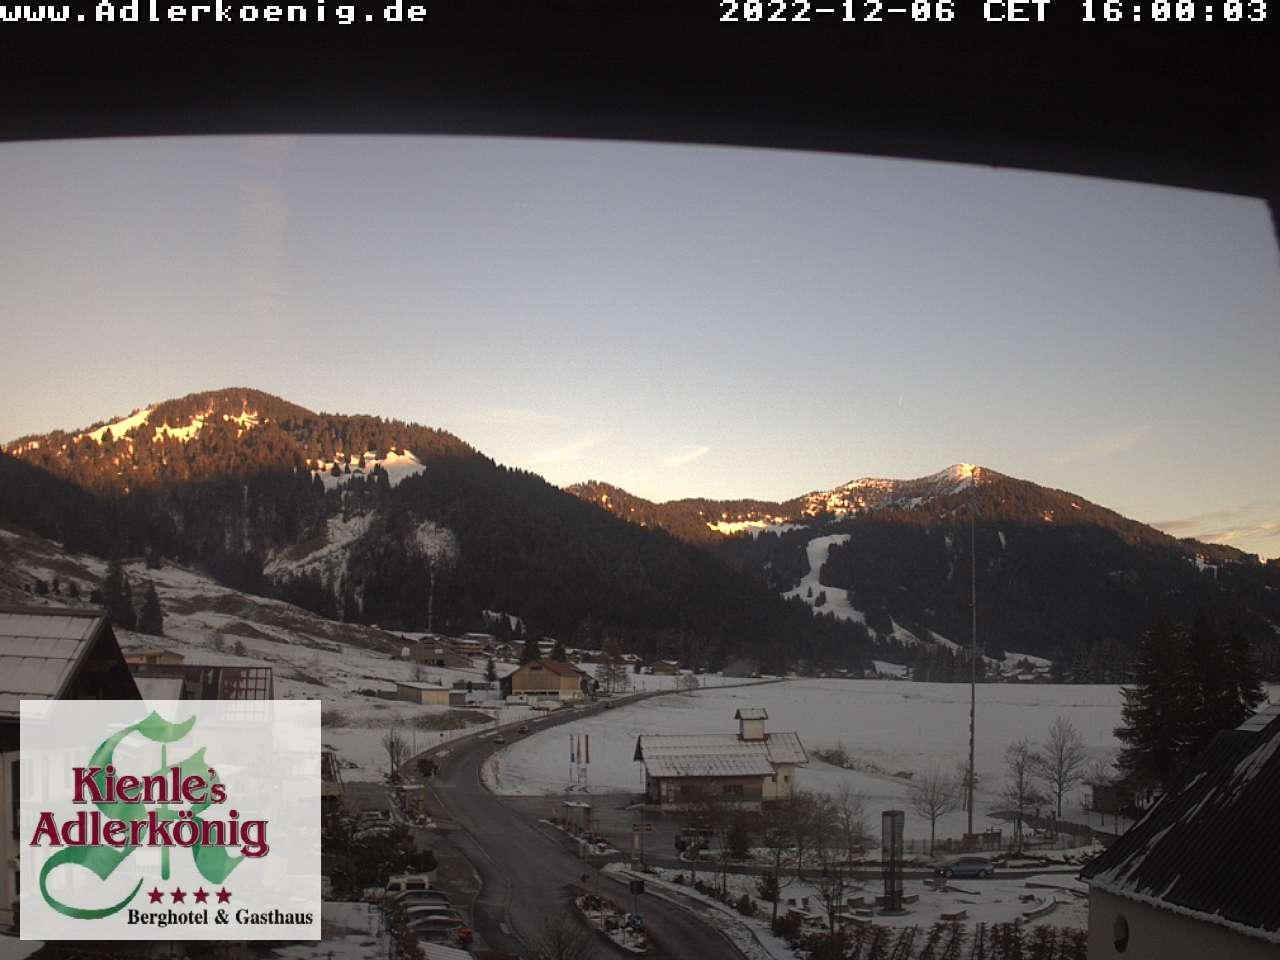 Kienles Adlerkönig Webcam 2